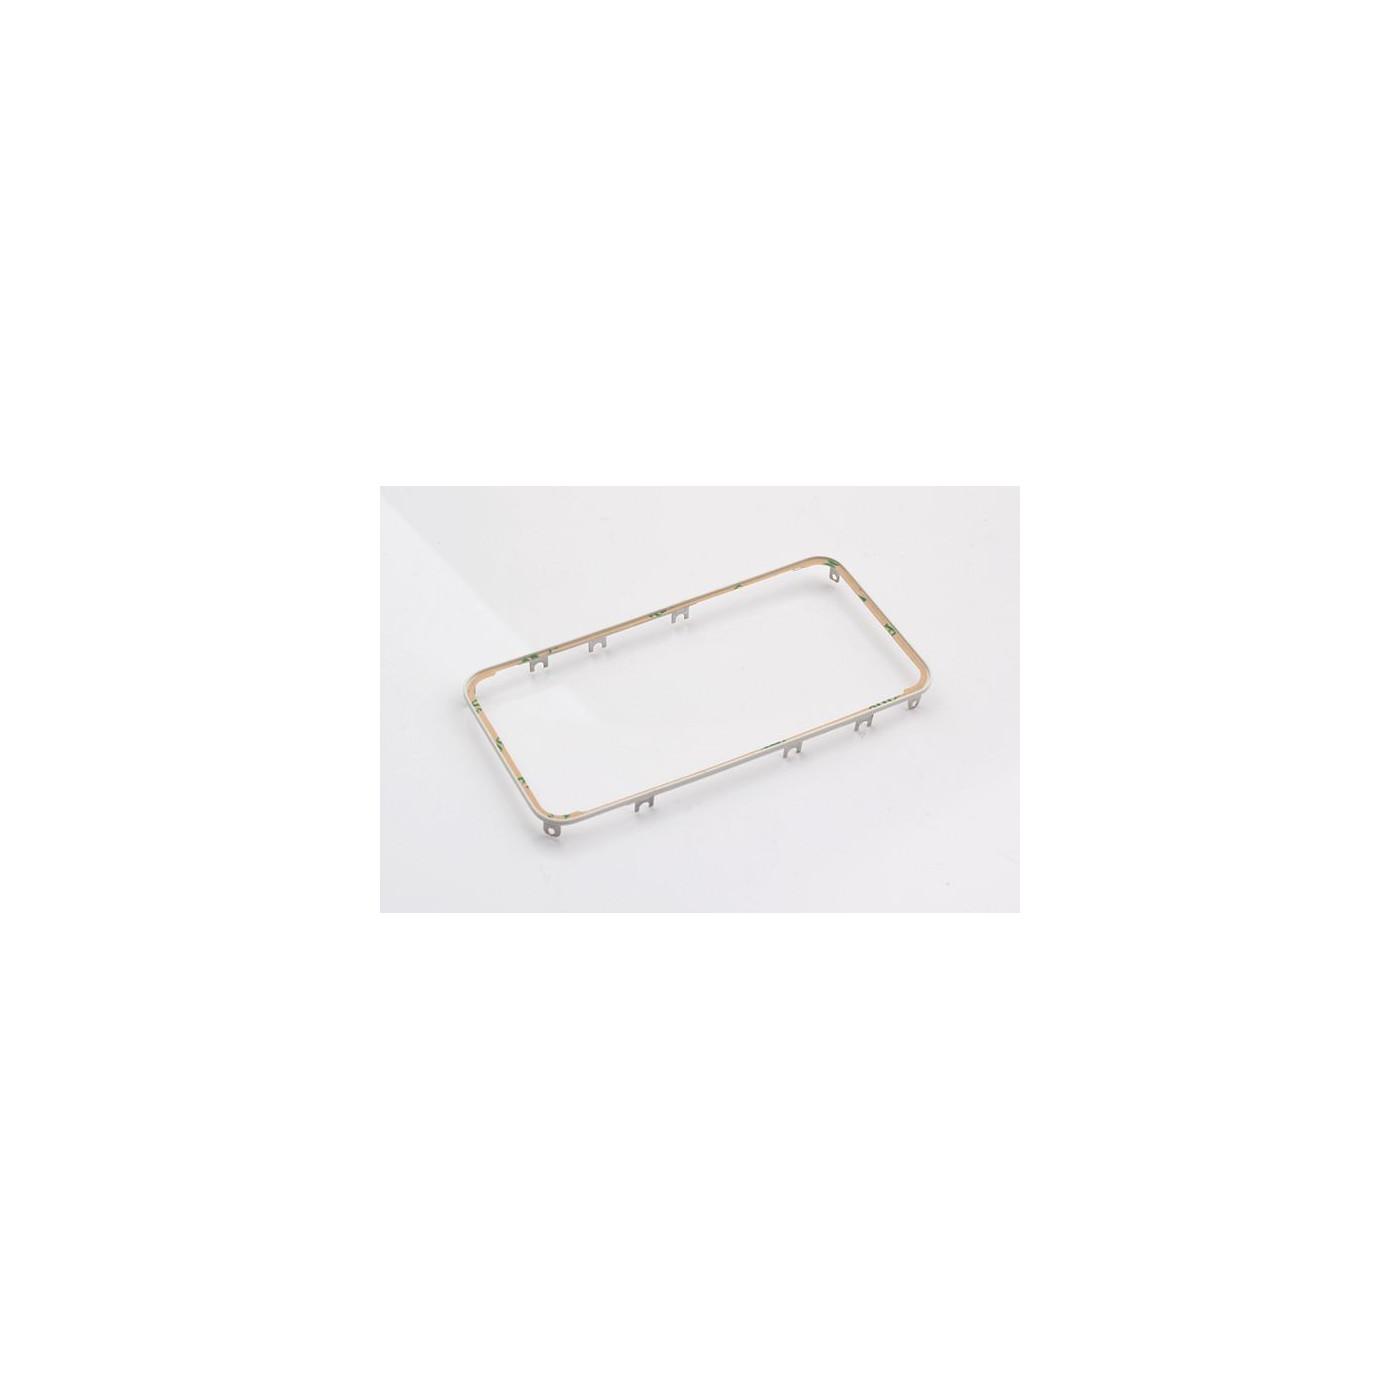 Cadre de numériseur de cadre pour iphone 4 blanc avec autocollant